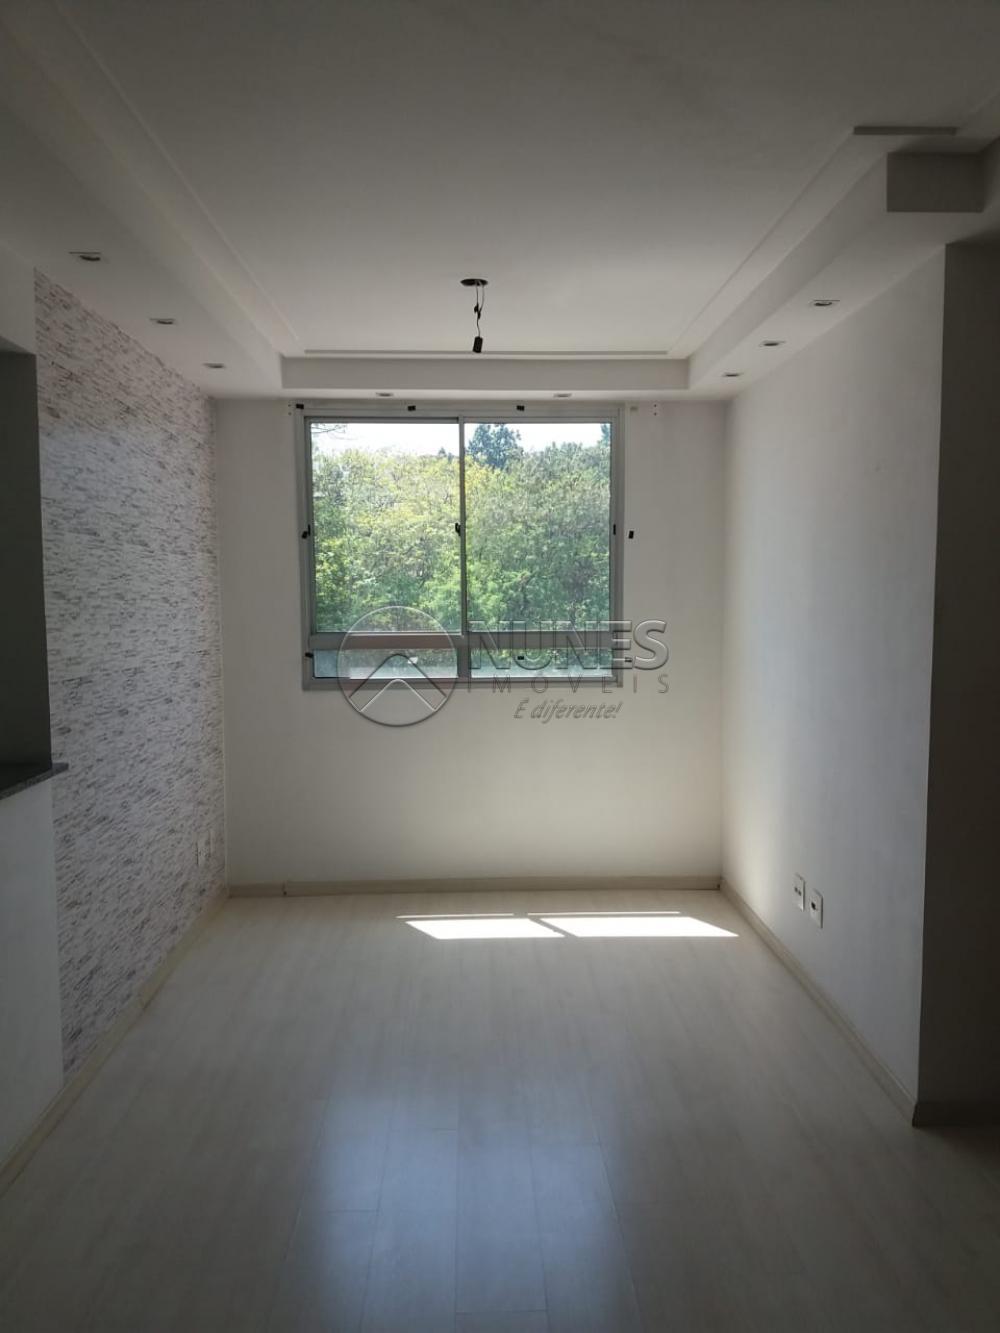 Comprar Apartamento / Padrão em Osasco apenas R$ 229.000,00 - Foto 5